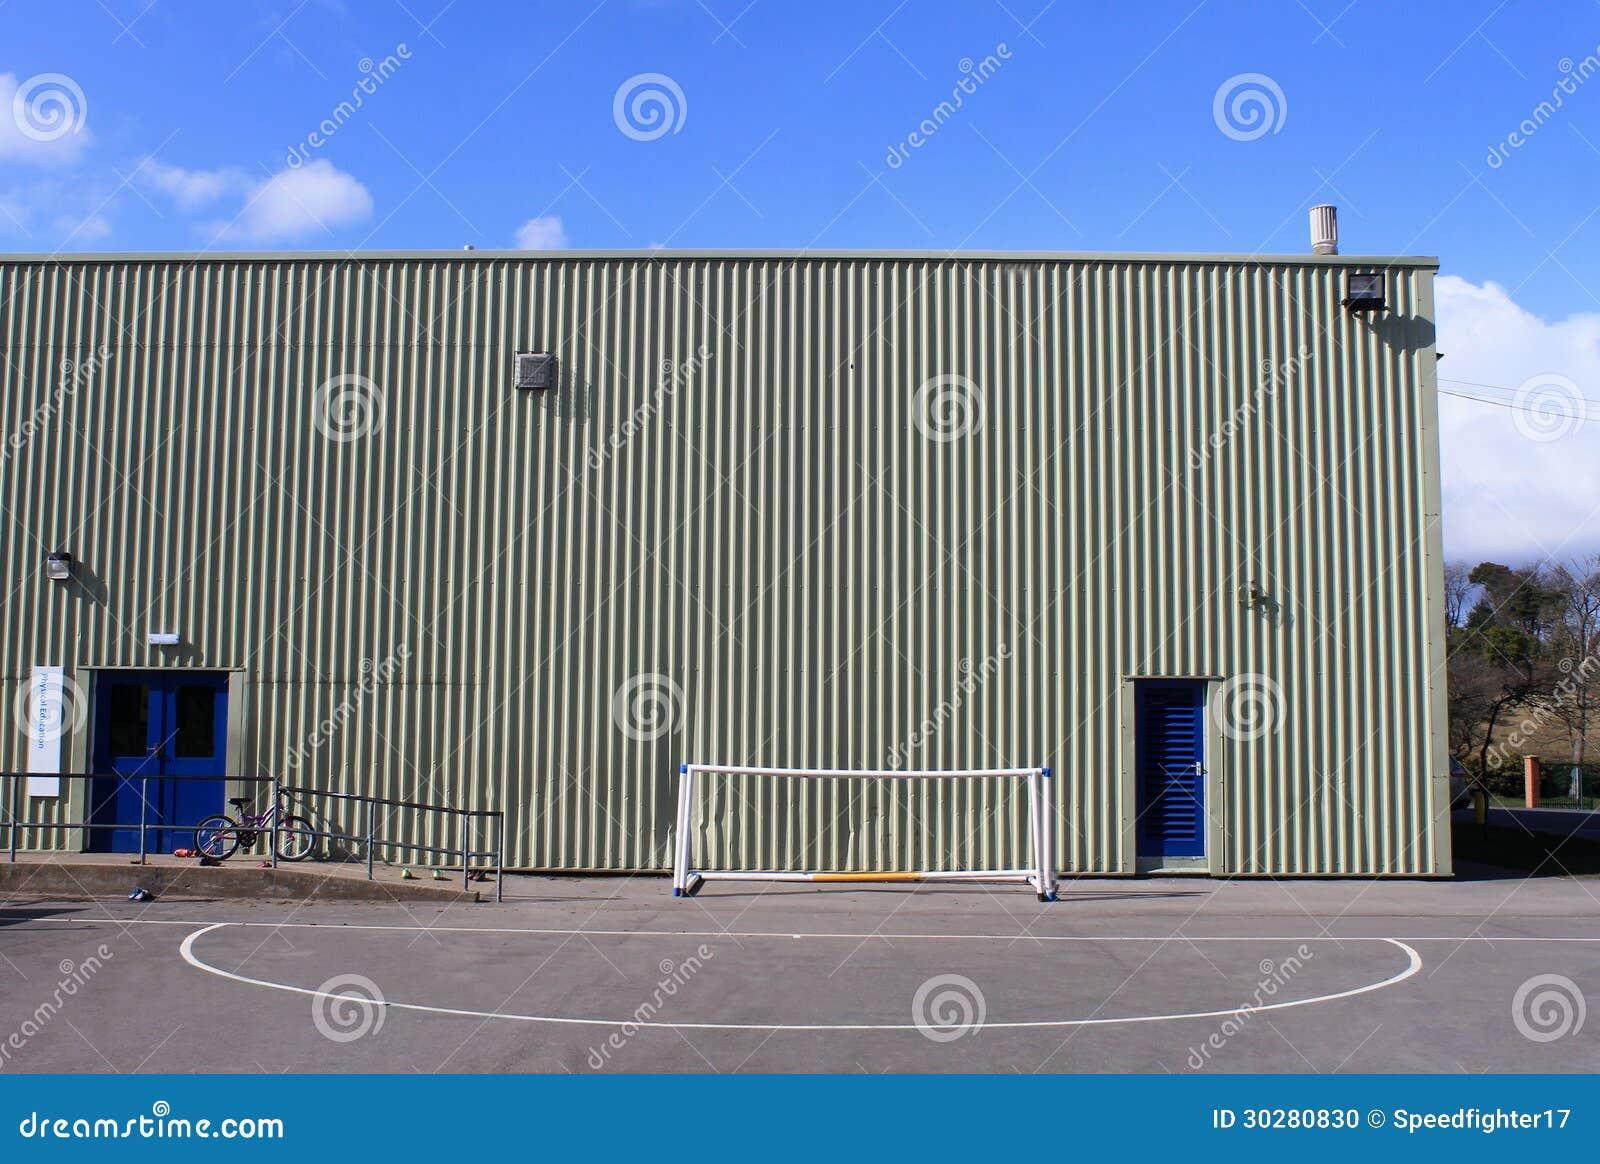 Salle De Gymnastique D Ecole Photo Stock Image Du Personne